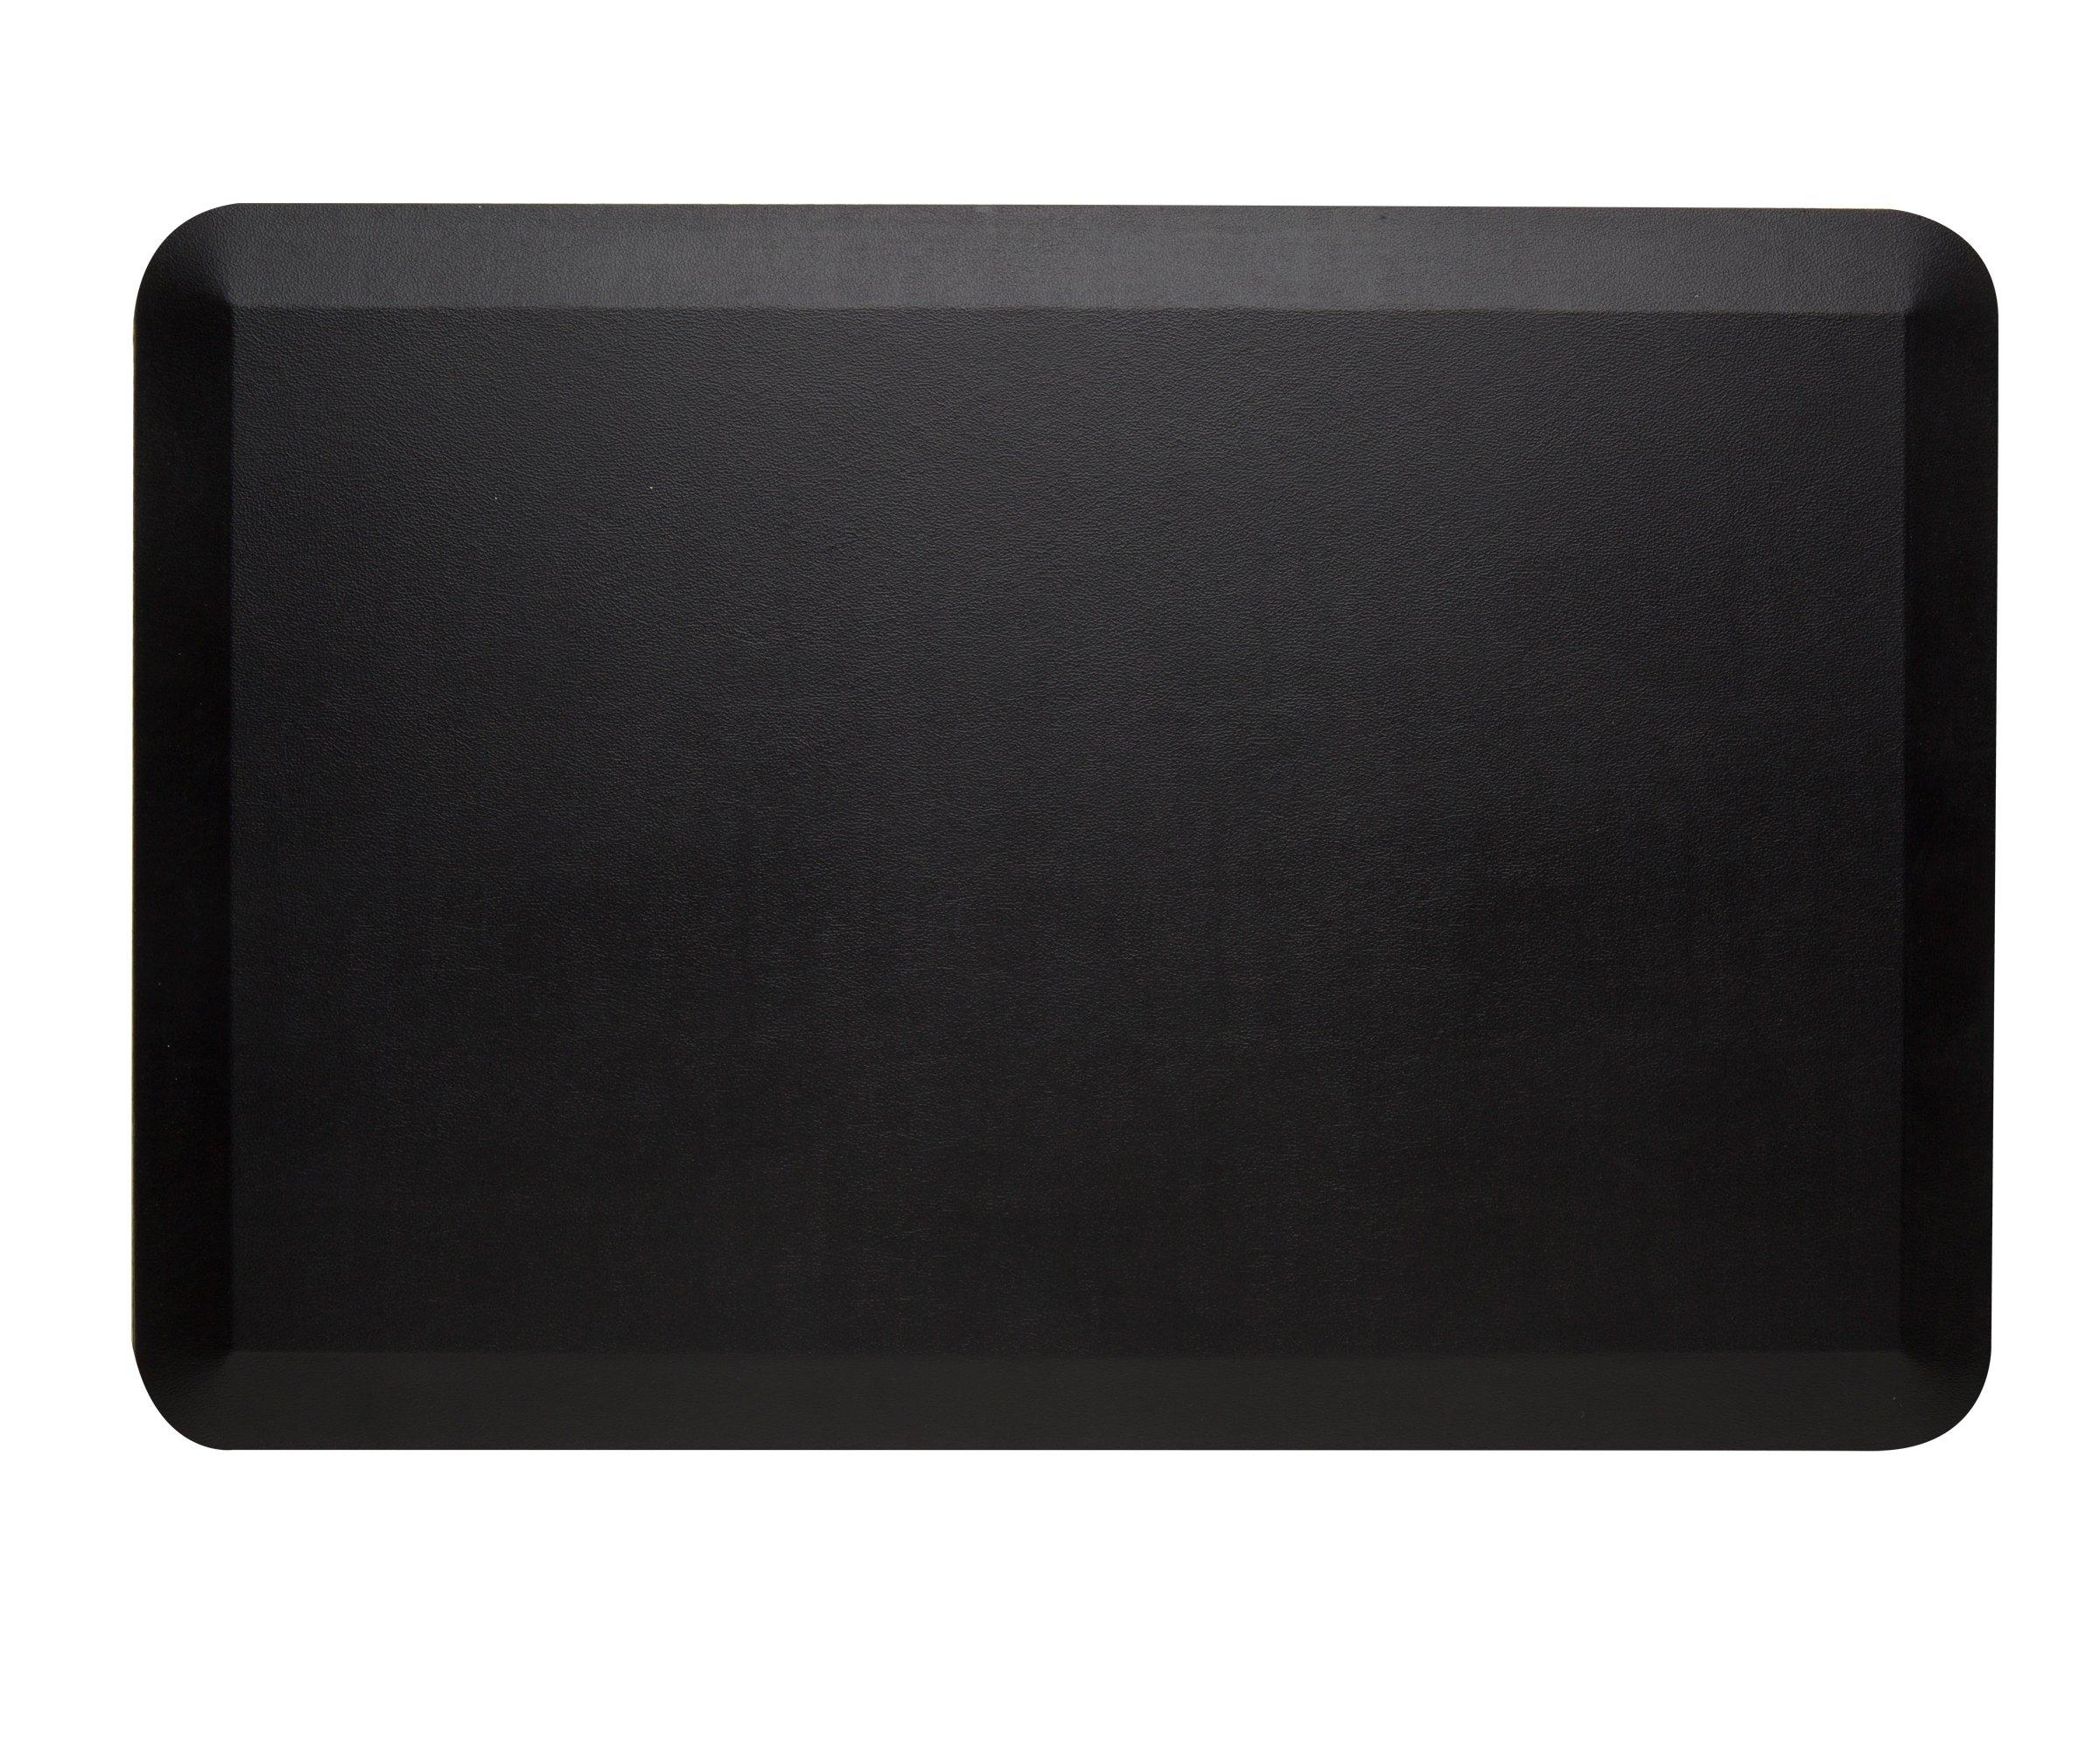 Imprint CumulusPRO Professional Standing Desk Anti-Fatigue Mat 20 in. x 30 in. x 3/4 in. Black